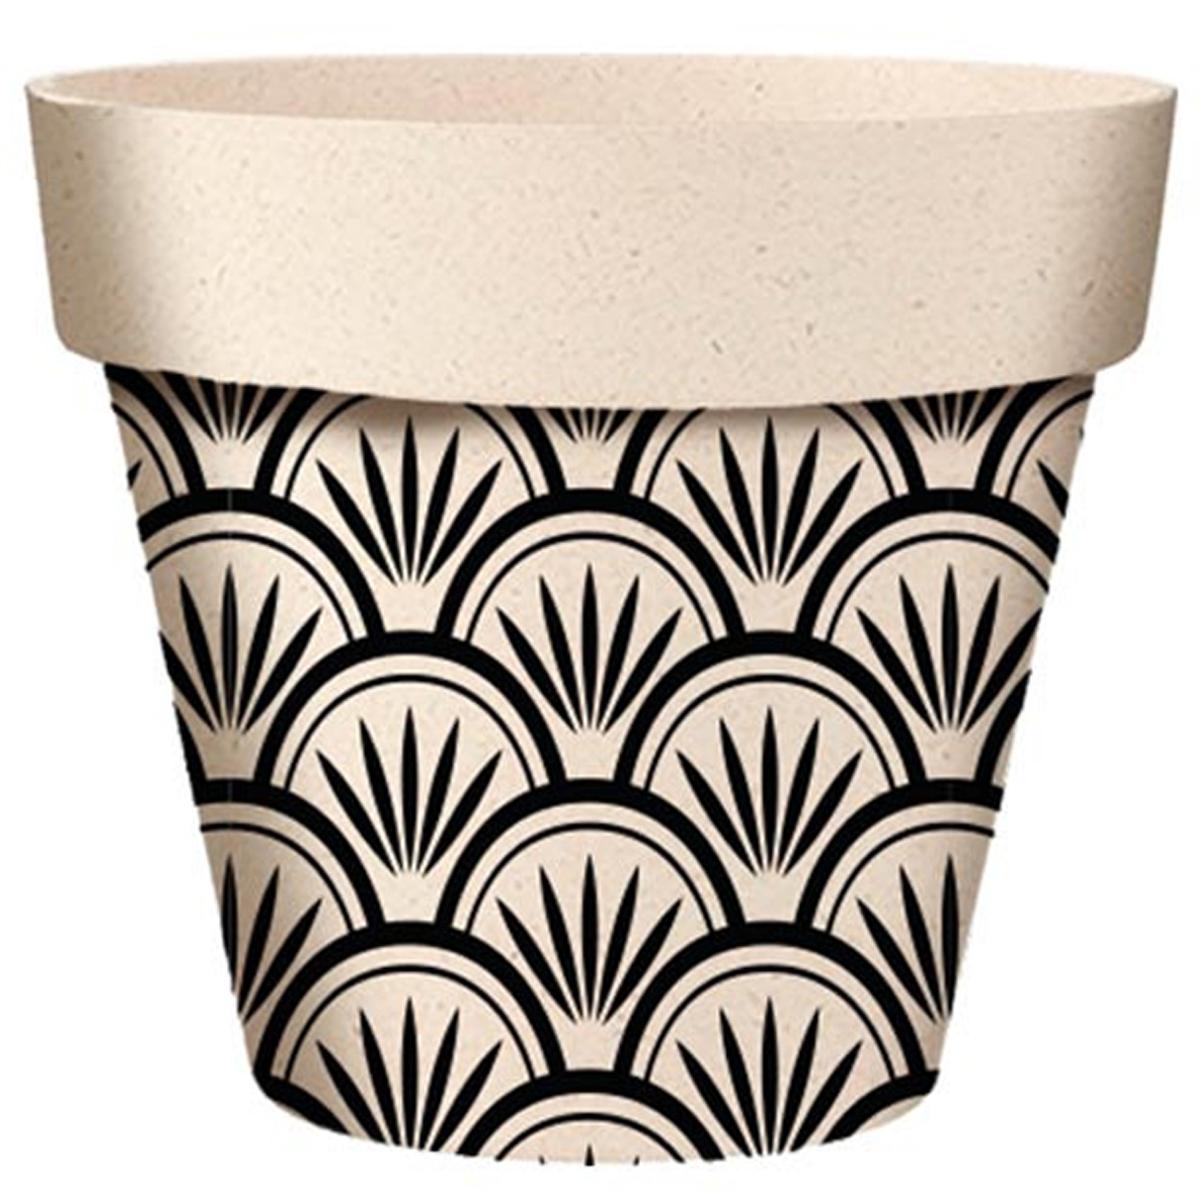 Cache-pot bambou \'Boho\' noir beige -  95x84 mm - [A2145]